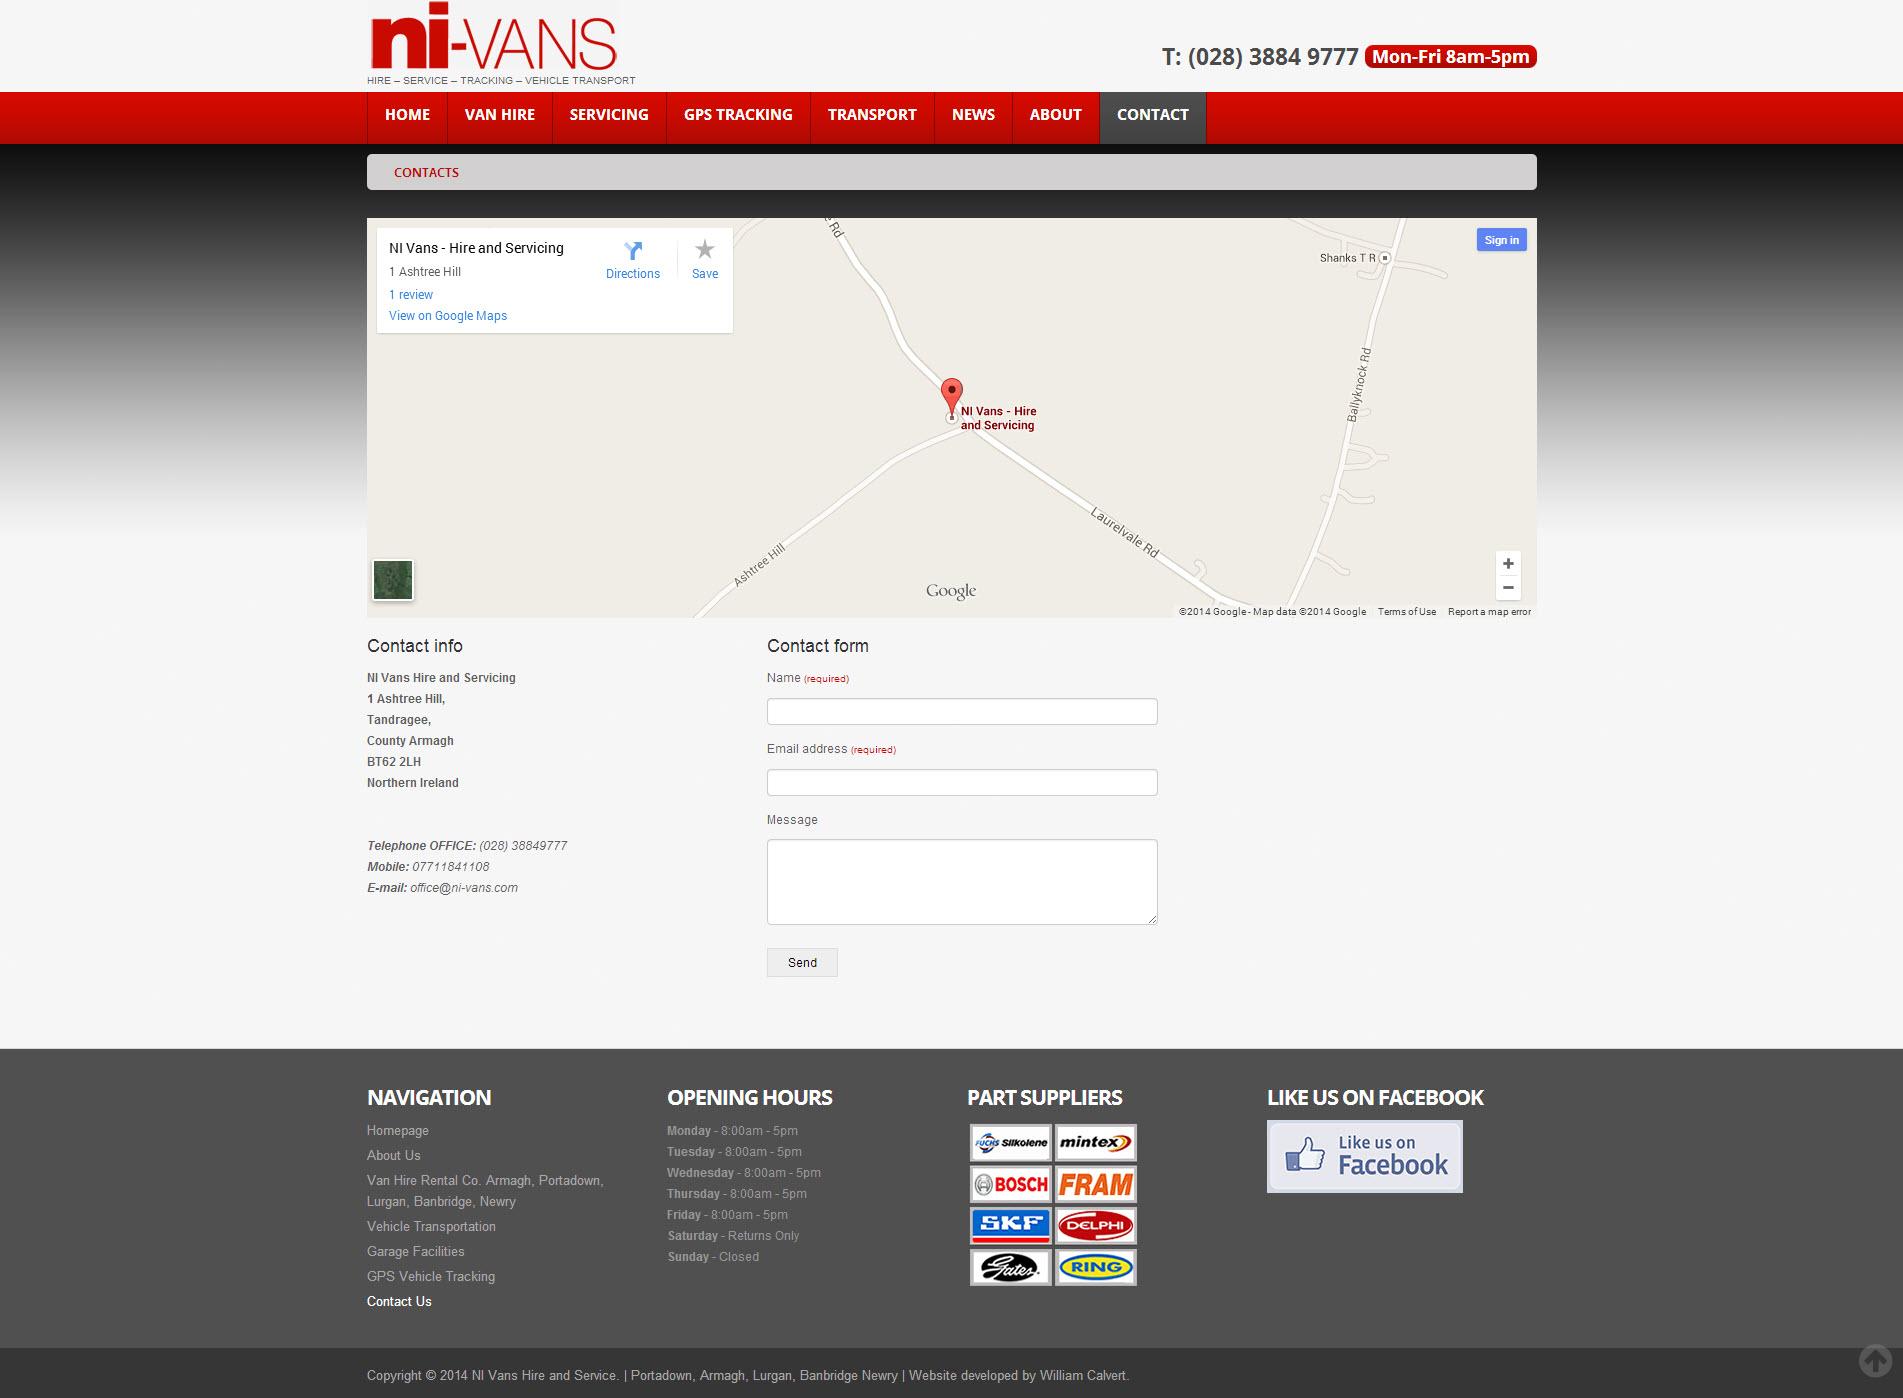 NI Van Hire Website 6 - Contact Page